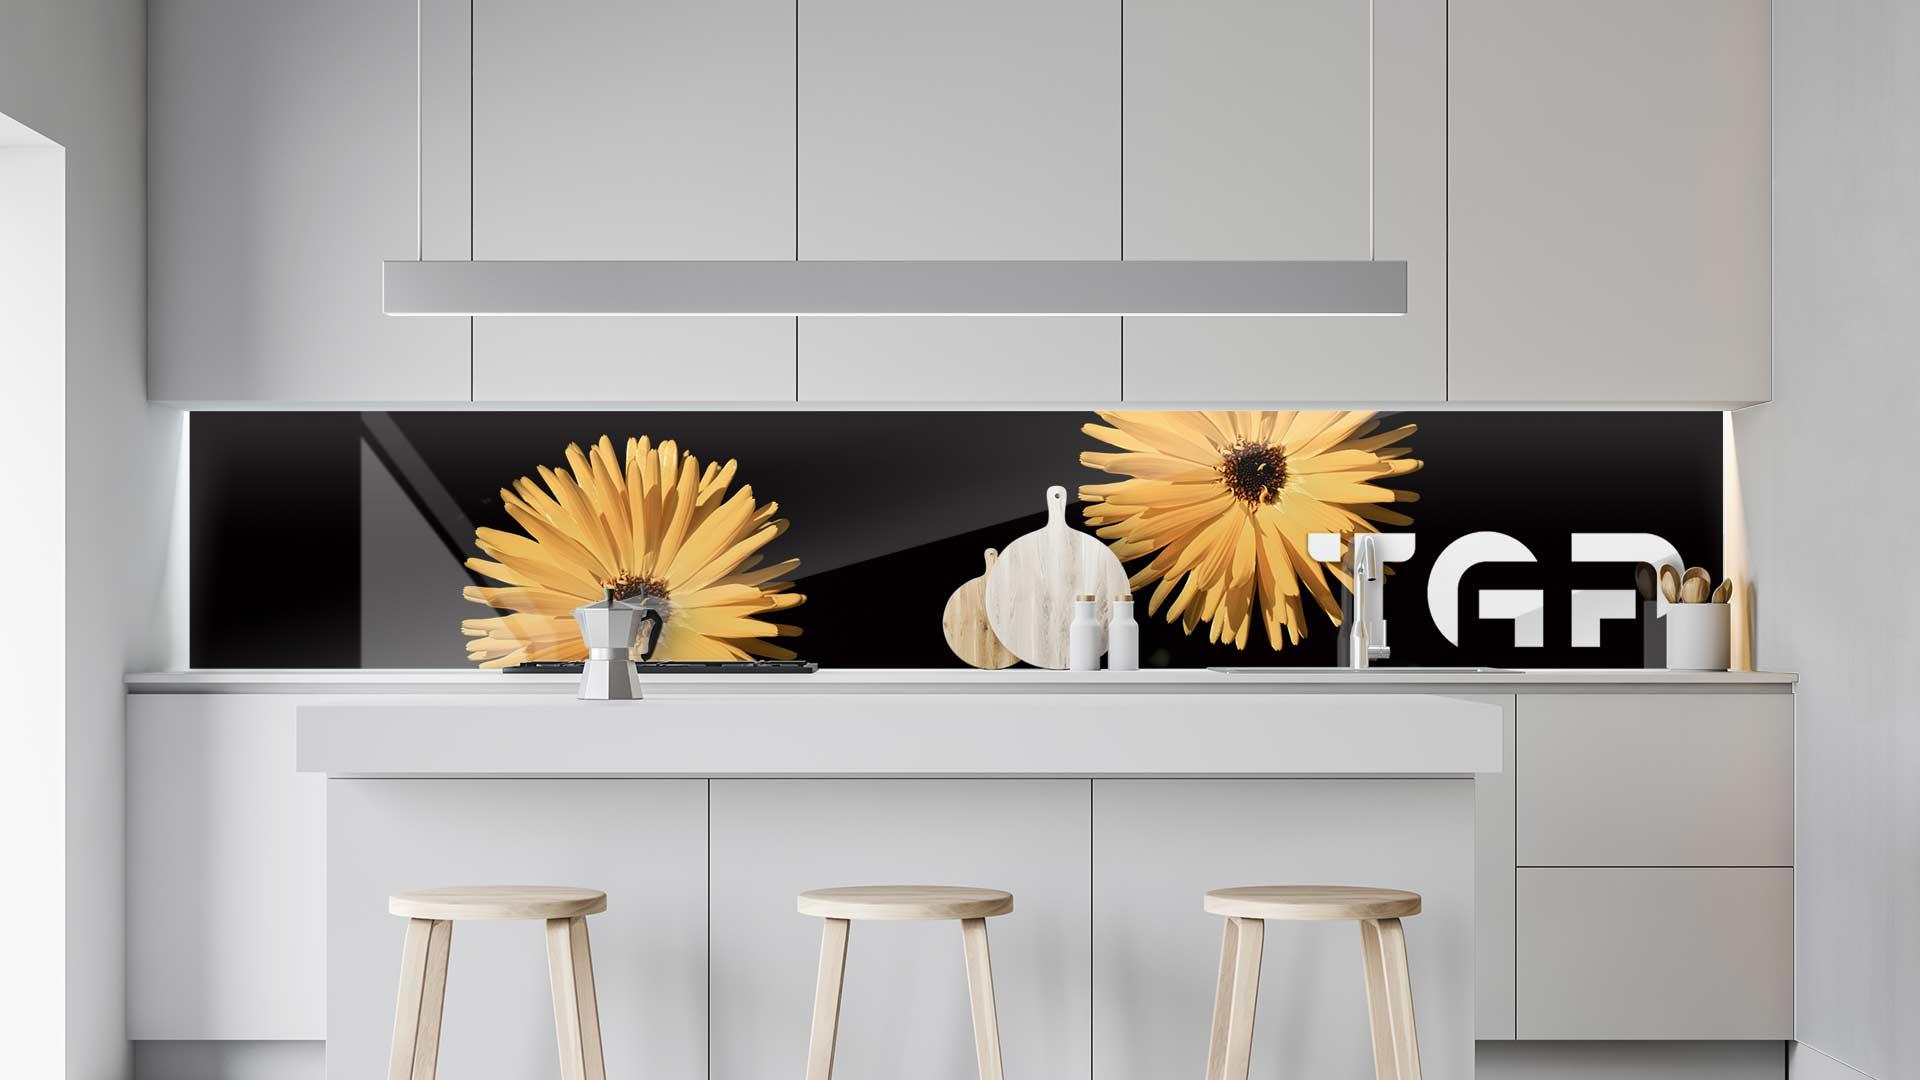 FLW007 sticlă printată bucătărie contrablat